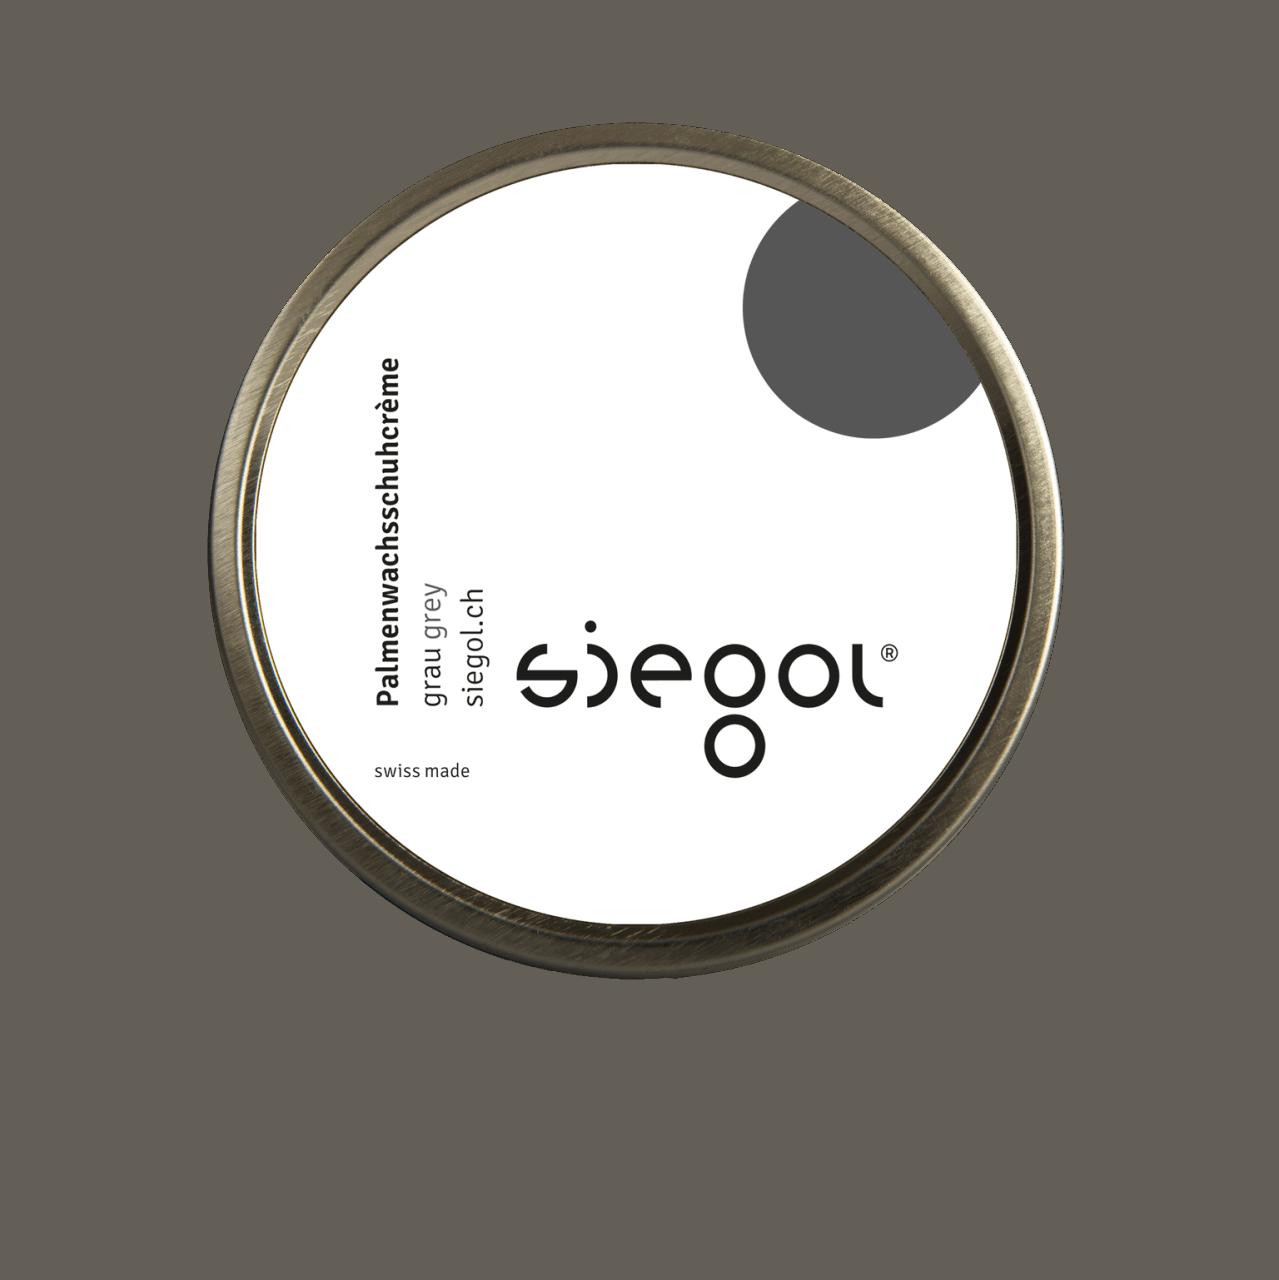 Siegol Palmenwachspflege-grau 100ml